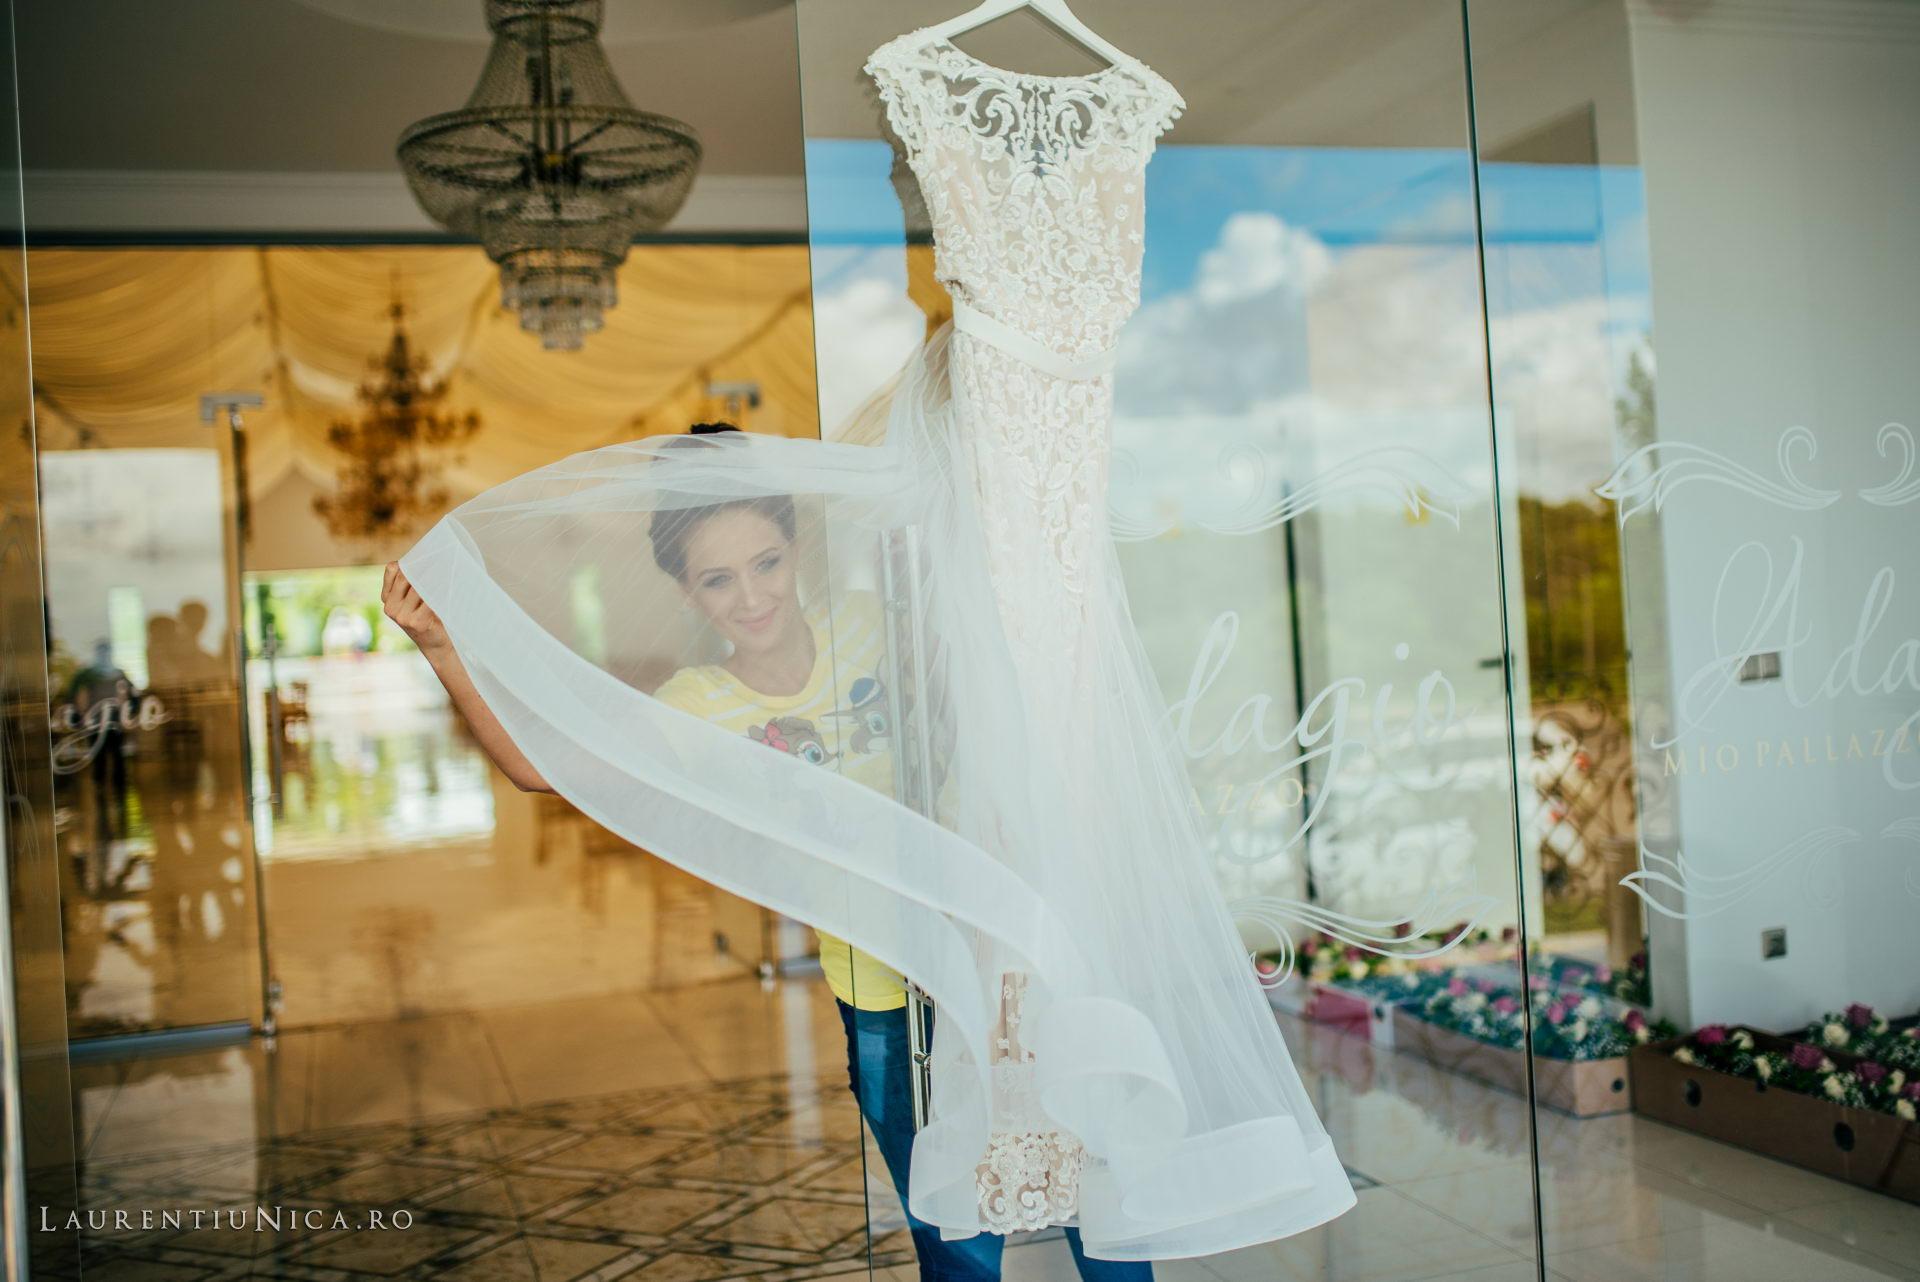 denisa si catalin fotograf nunta laurentiu nica craiova 02 - Denisa si Catalin | Fotografii nunta | Craiova